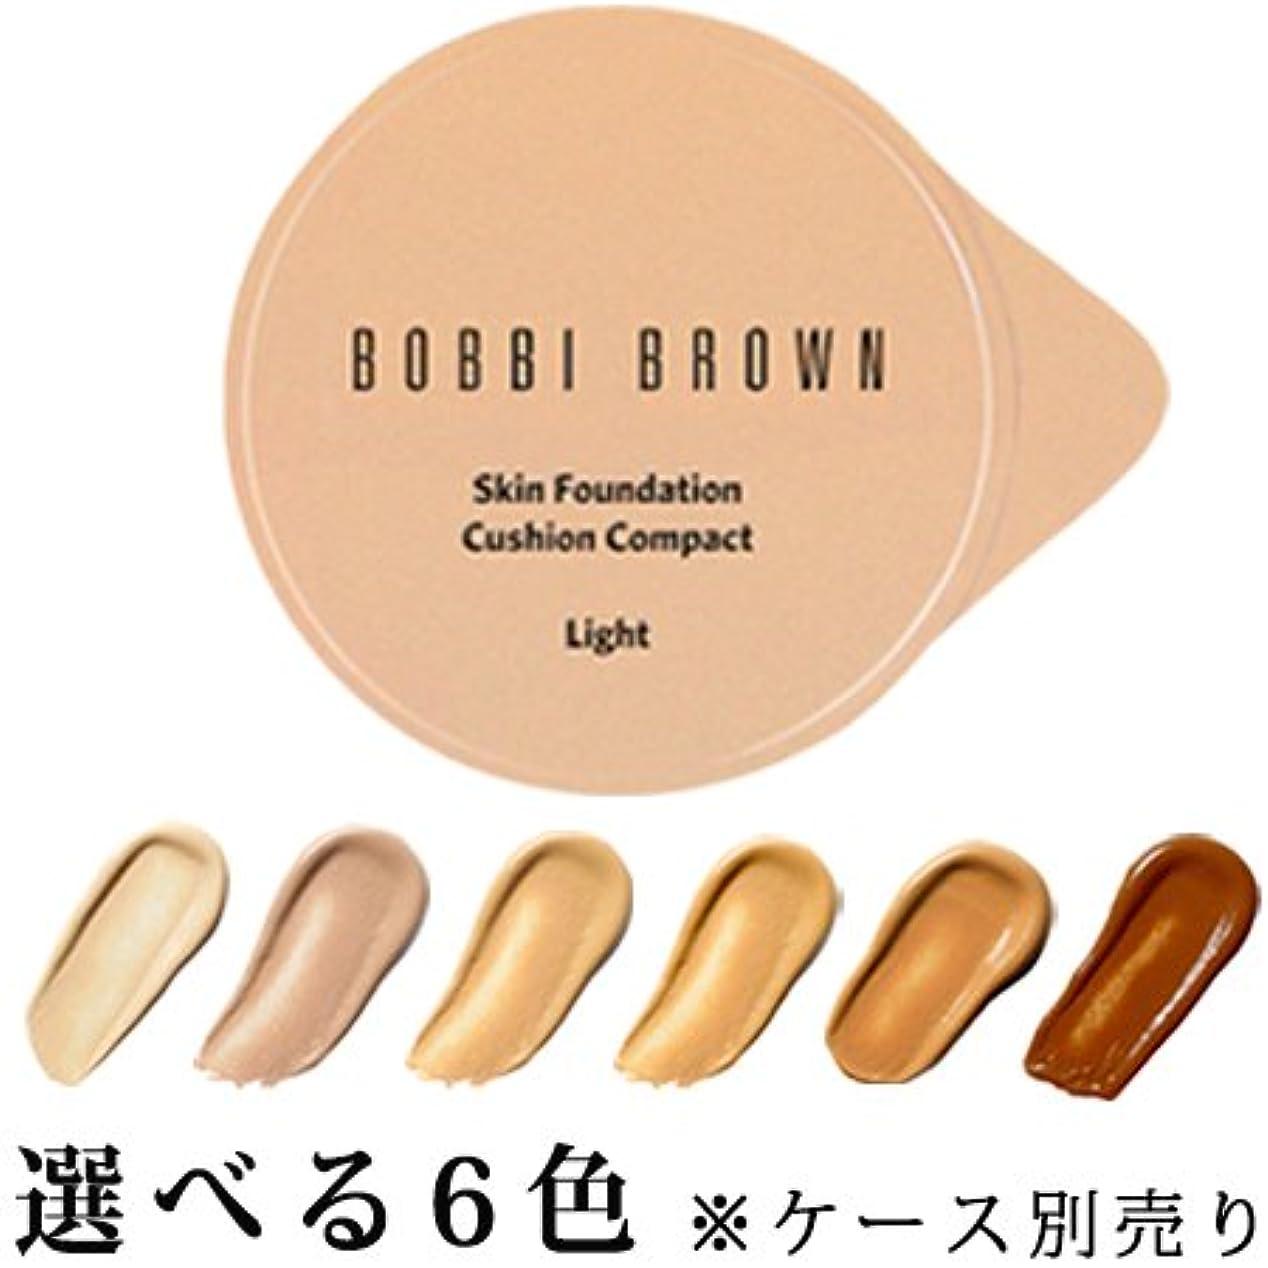 細分化するデマンド数ボビイブラウン スキン ファンデーション クッション コンパクト SPF 50 (PA+++) レフィル(スポンジ付)6色展開 -BOBBI BROWN- ポーセリン